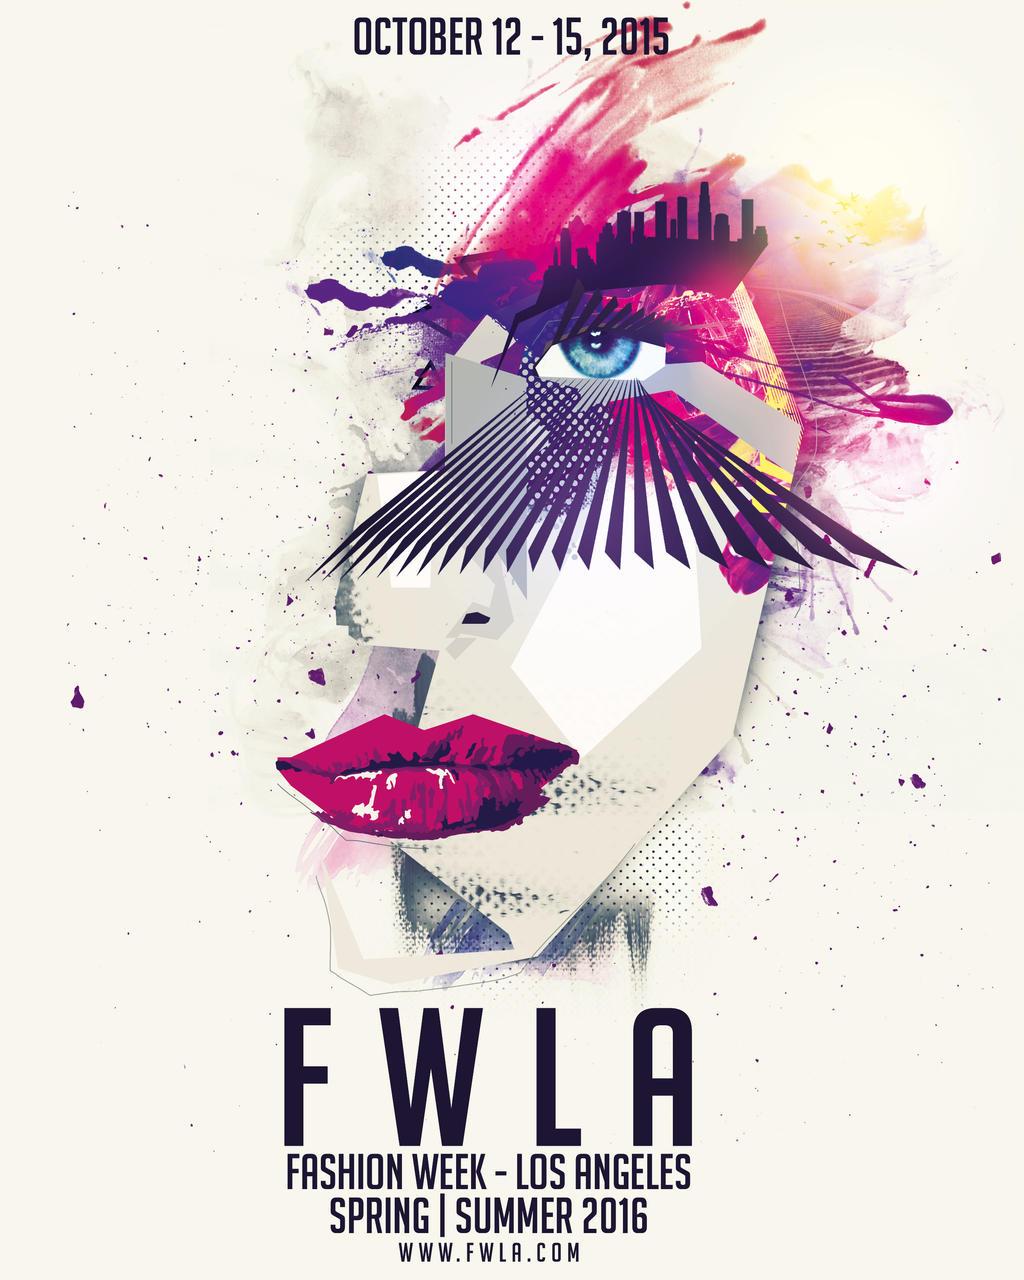 FWLA 2015